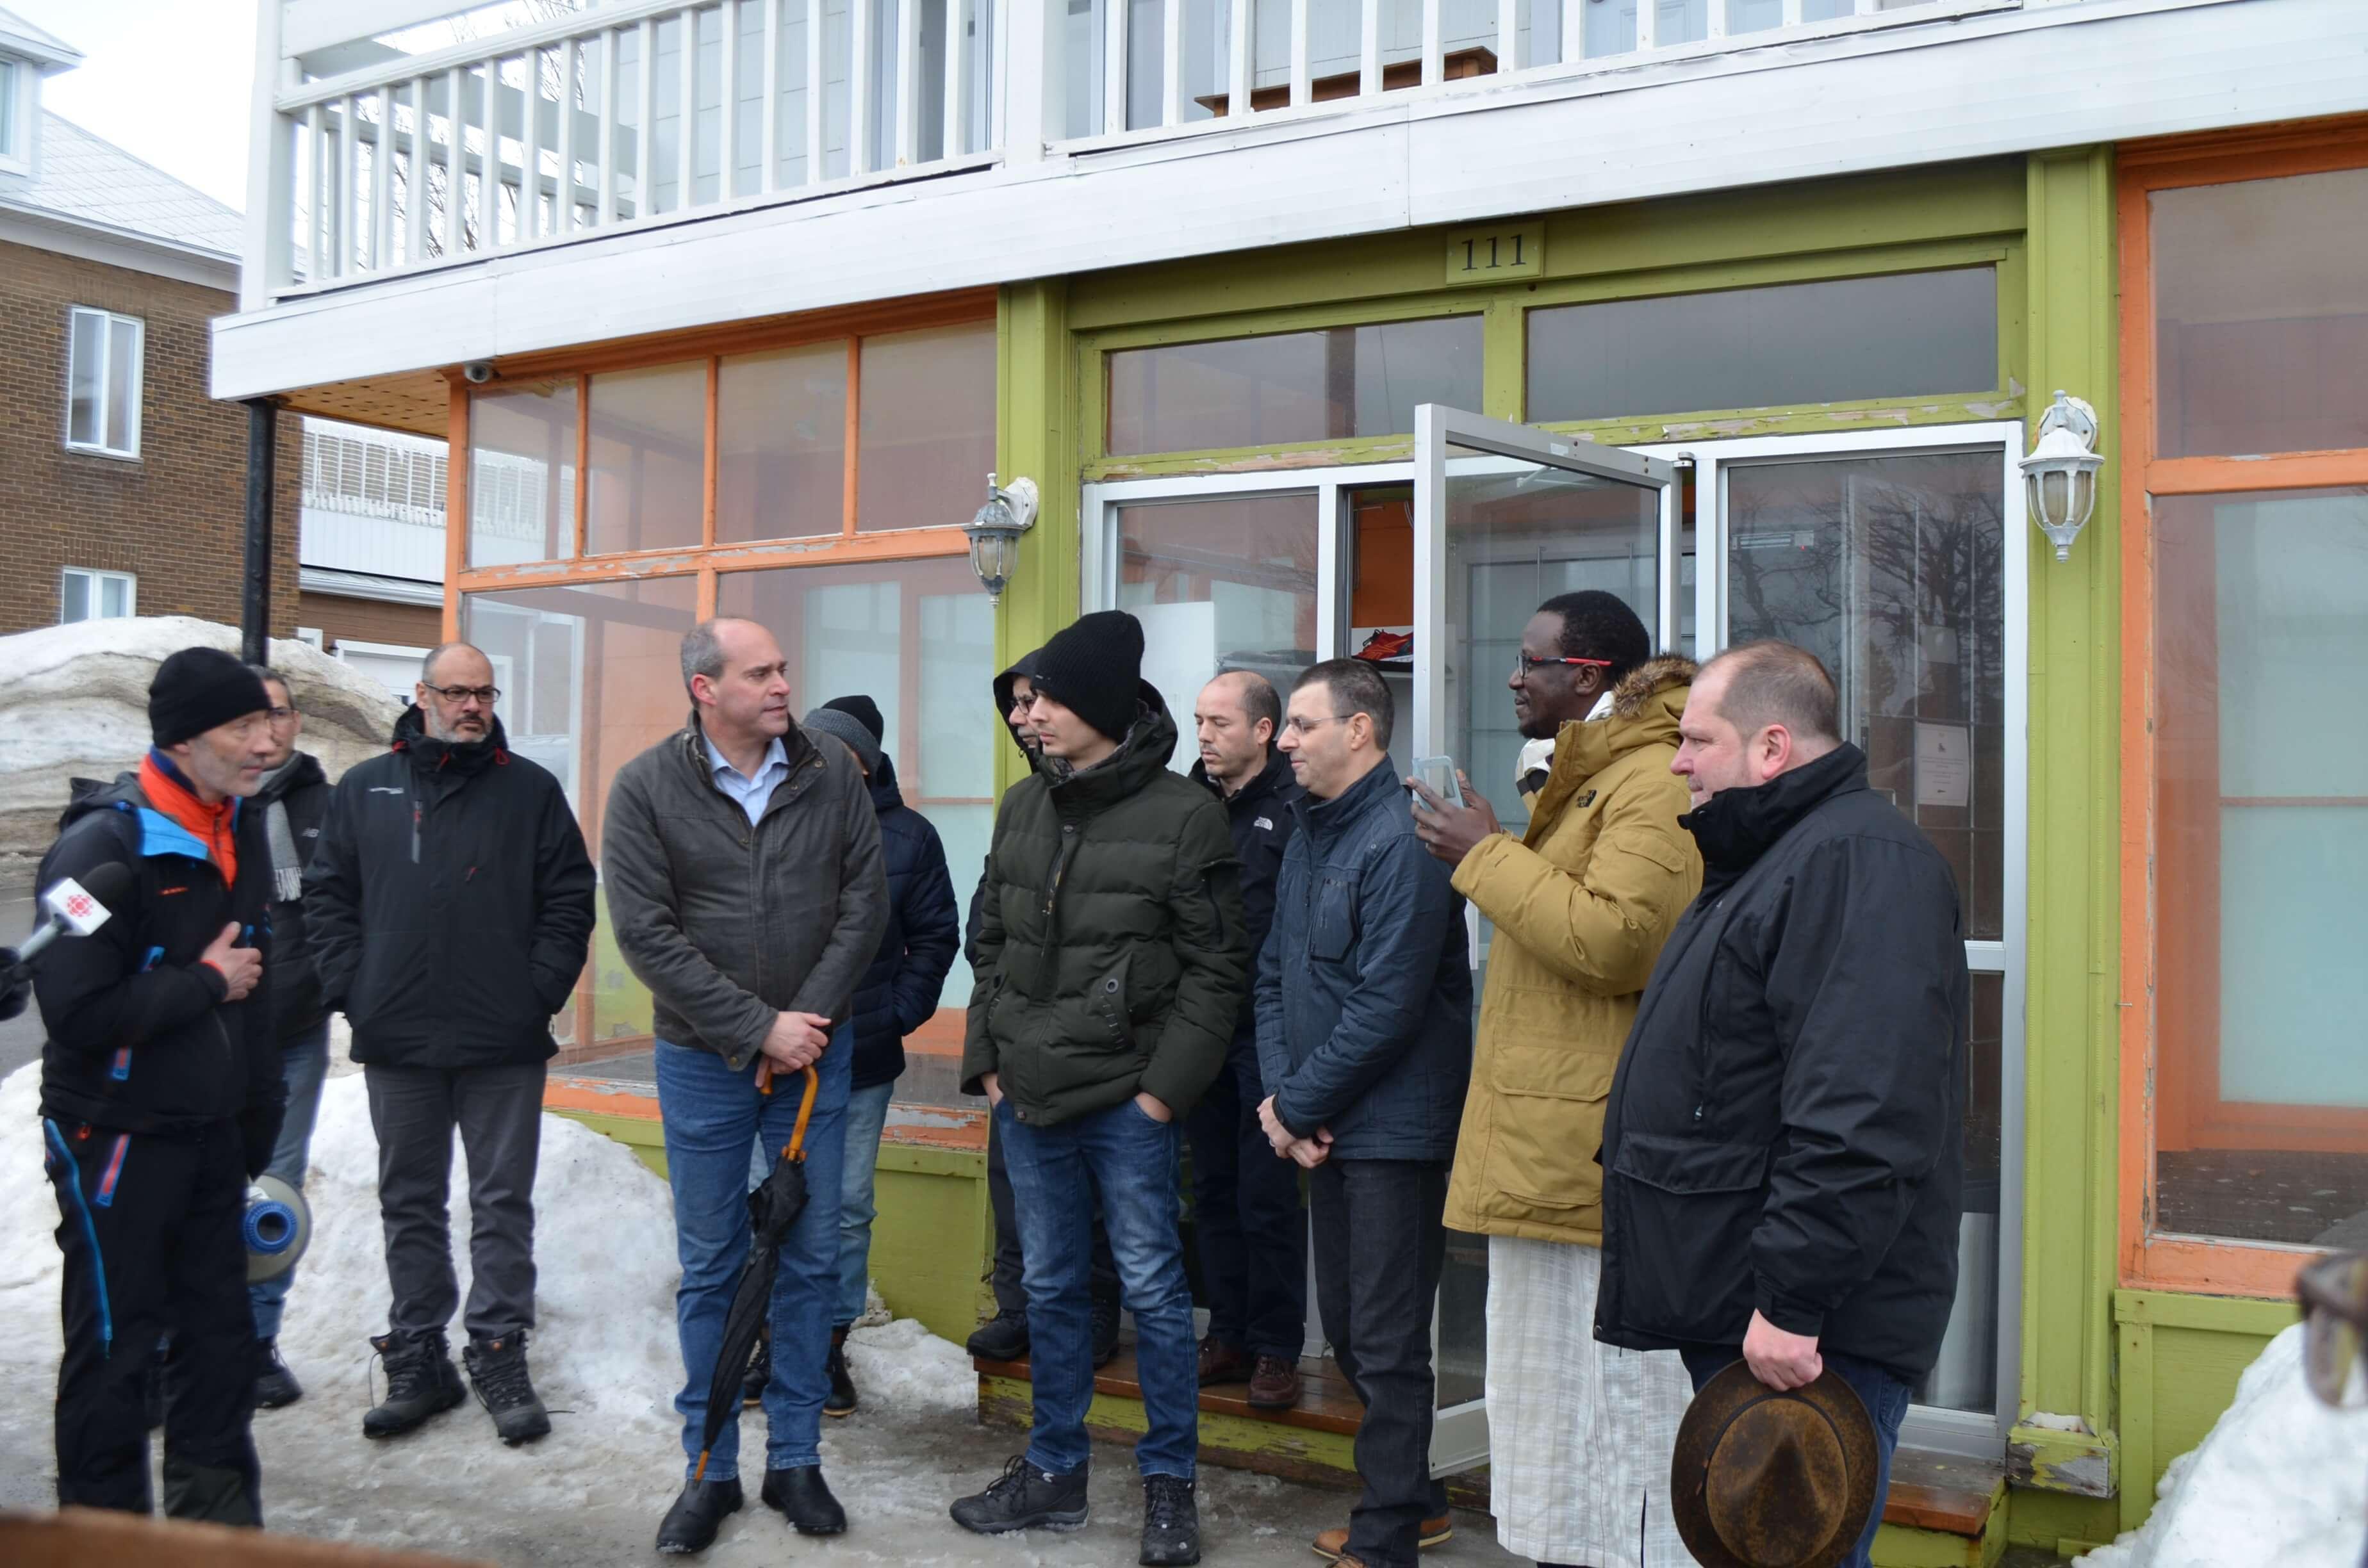 Les élus et les marcheurs rencontrent des membres de la communauté musulmane à Rimouski eu guise de solidarité à la suite de l'attentat d'hier (jeudi) en Nouvelle-Zélande.